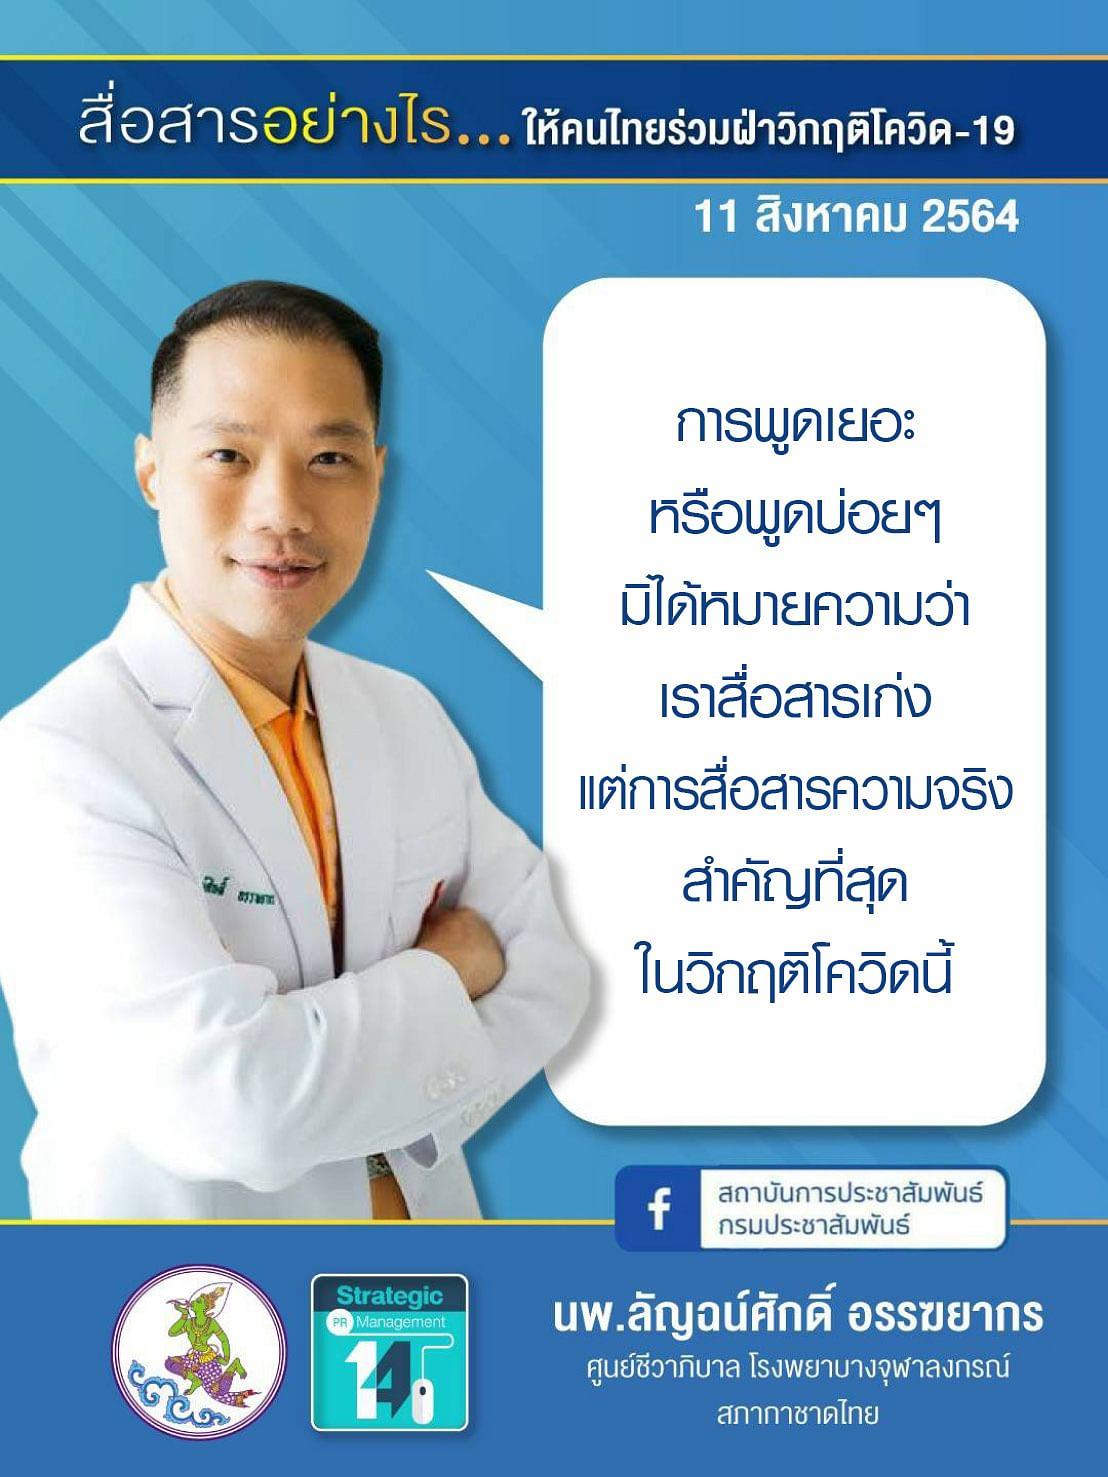 นพ.ลัญฉน์ศักดิ์ อรรฆยากร ศูนย์ชีวาภิบาล โรงพยาบาลจุฬาลงกรณ์